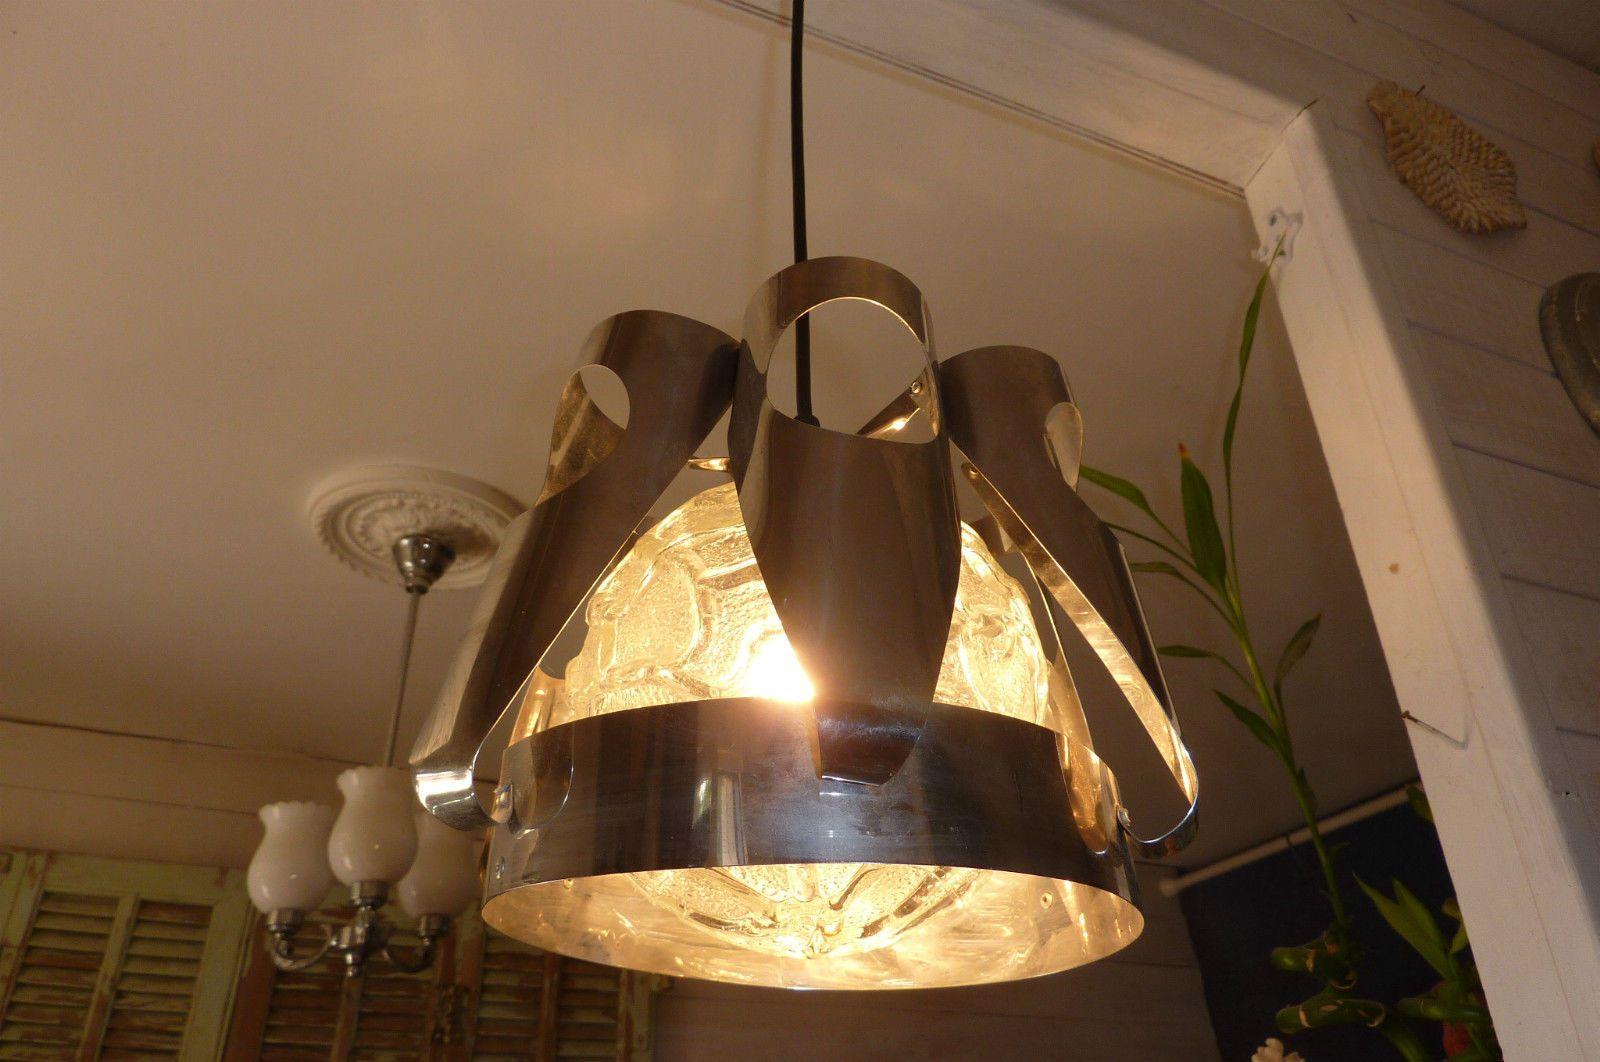 luminaire lampe lustre suspension années 70 Vintage en inox et verre ...